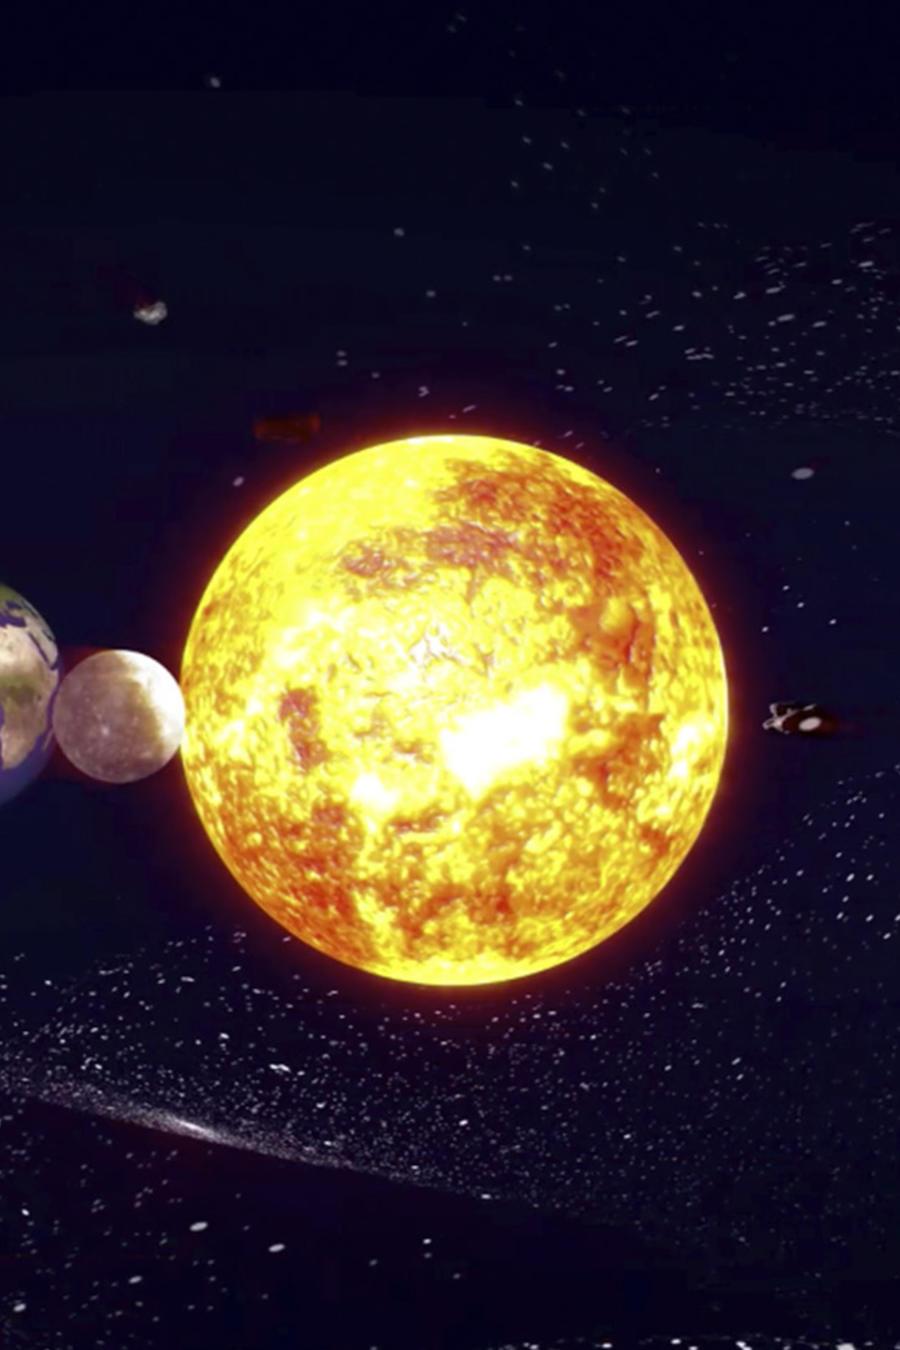 Sol consumiría a la Tierra